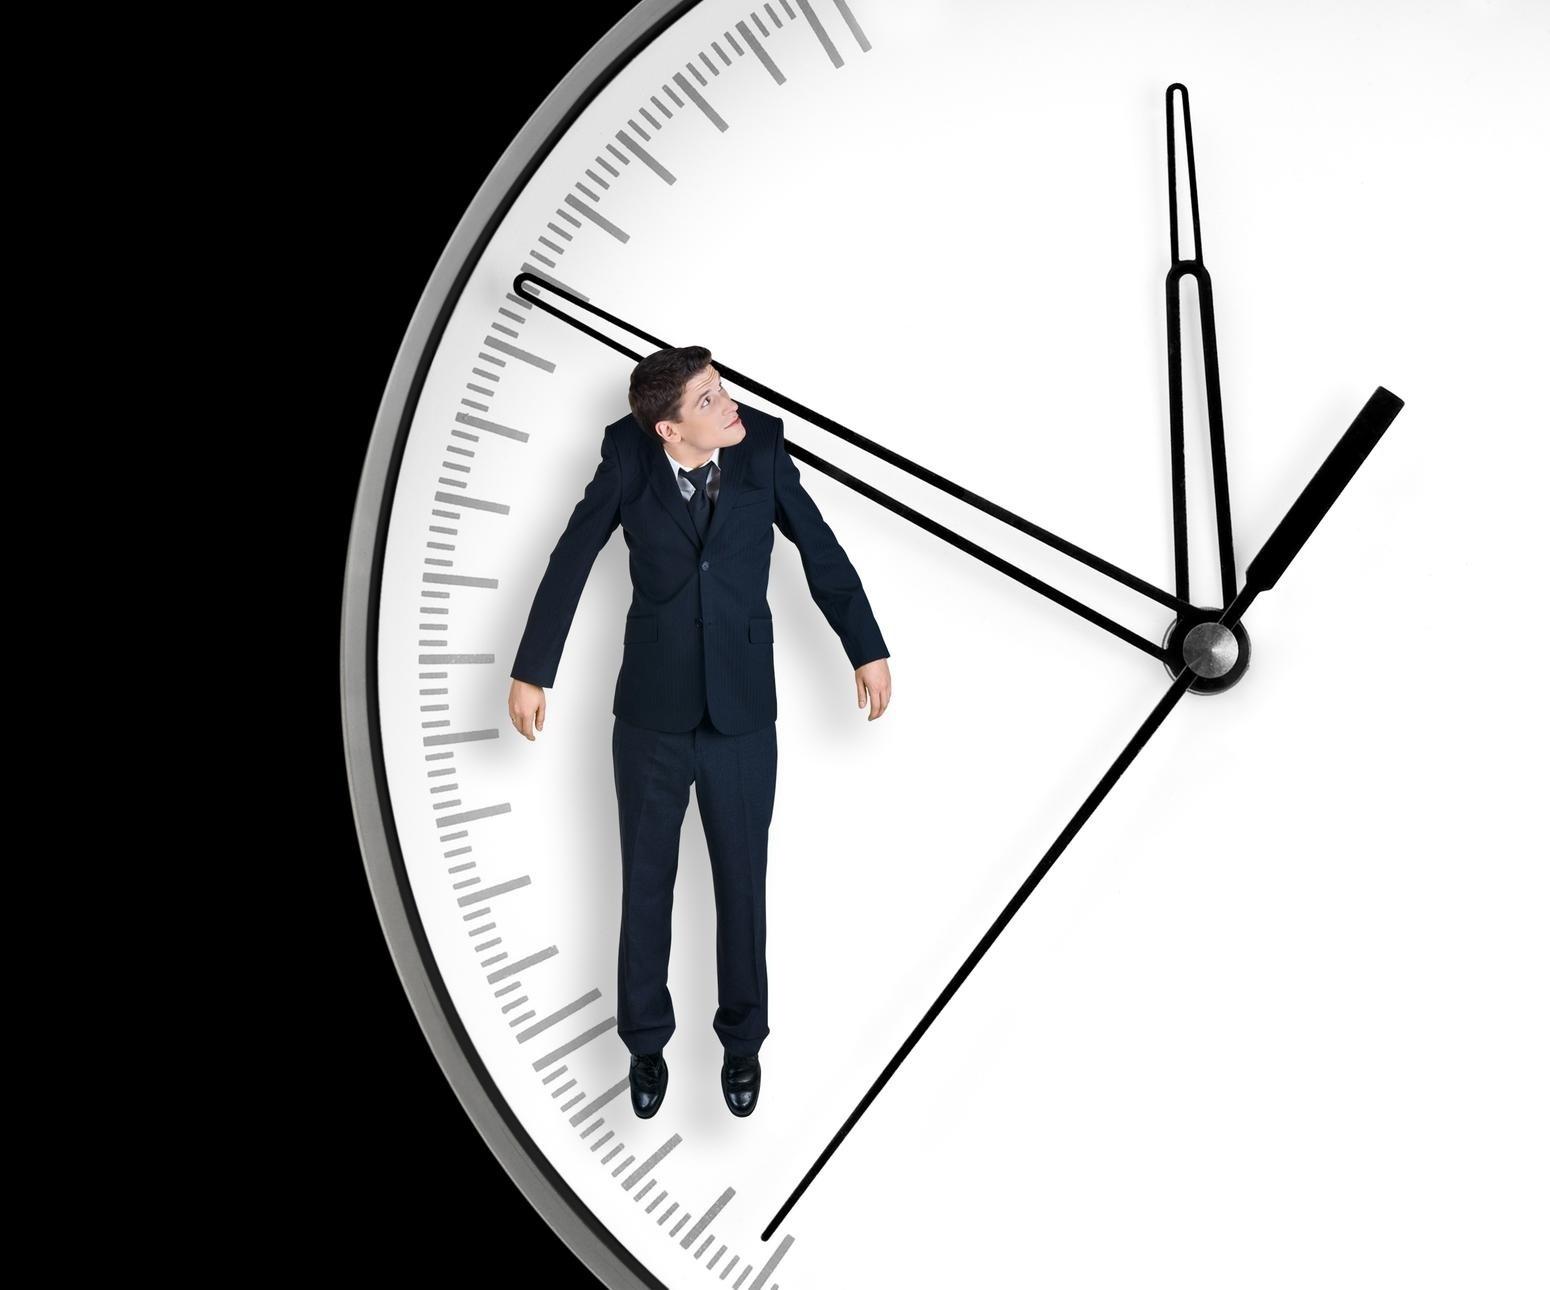 Presentation skills time management